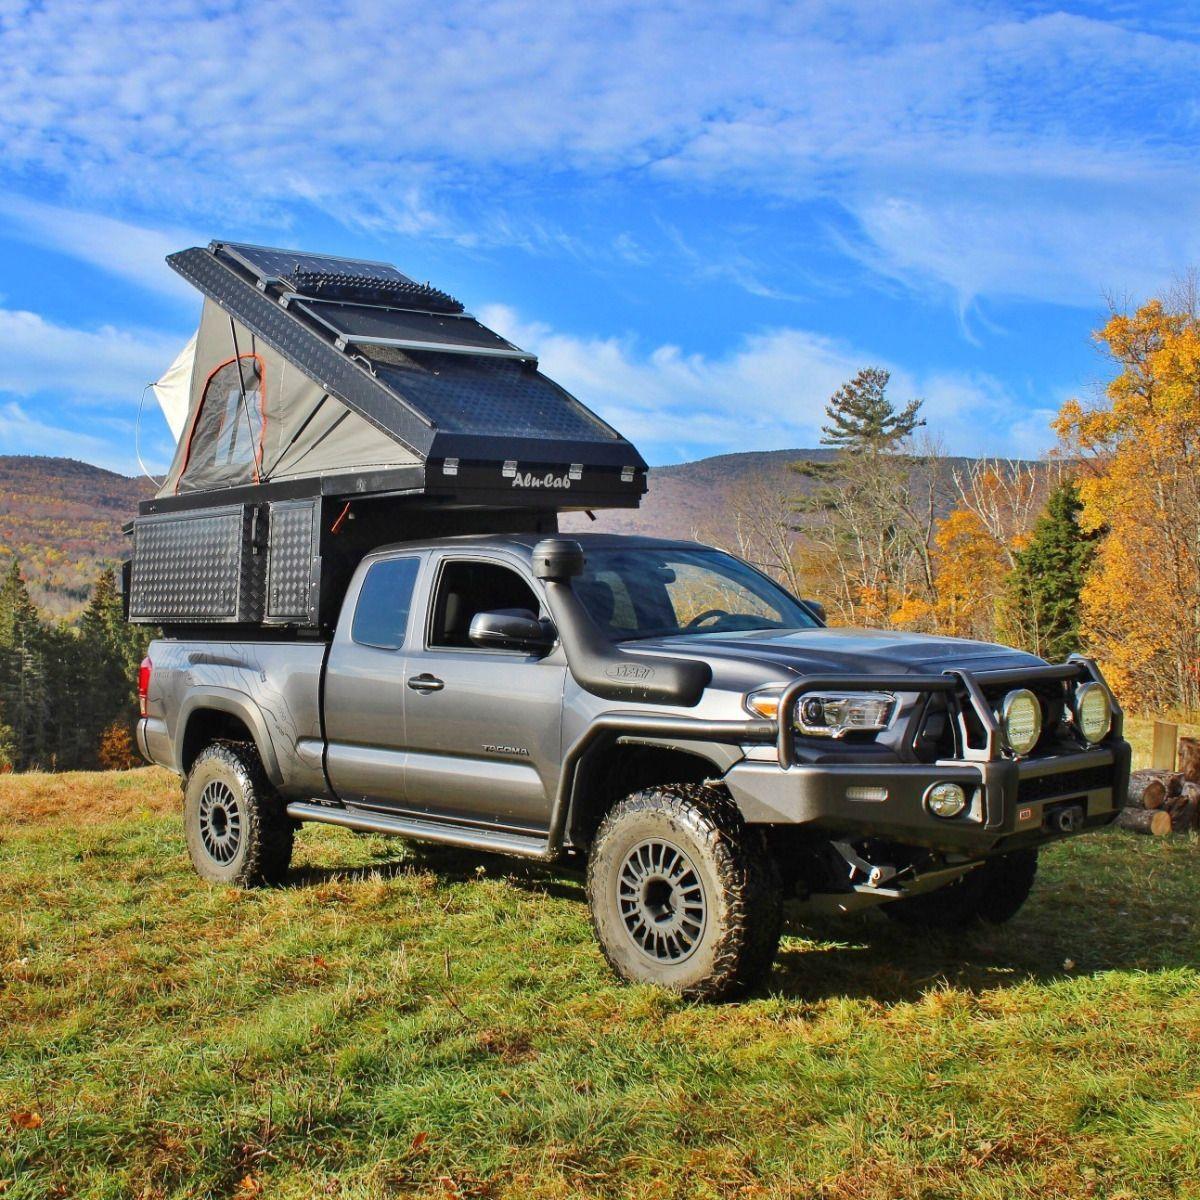 Alucab Khaya prime camper Slide in camper